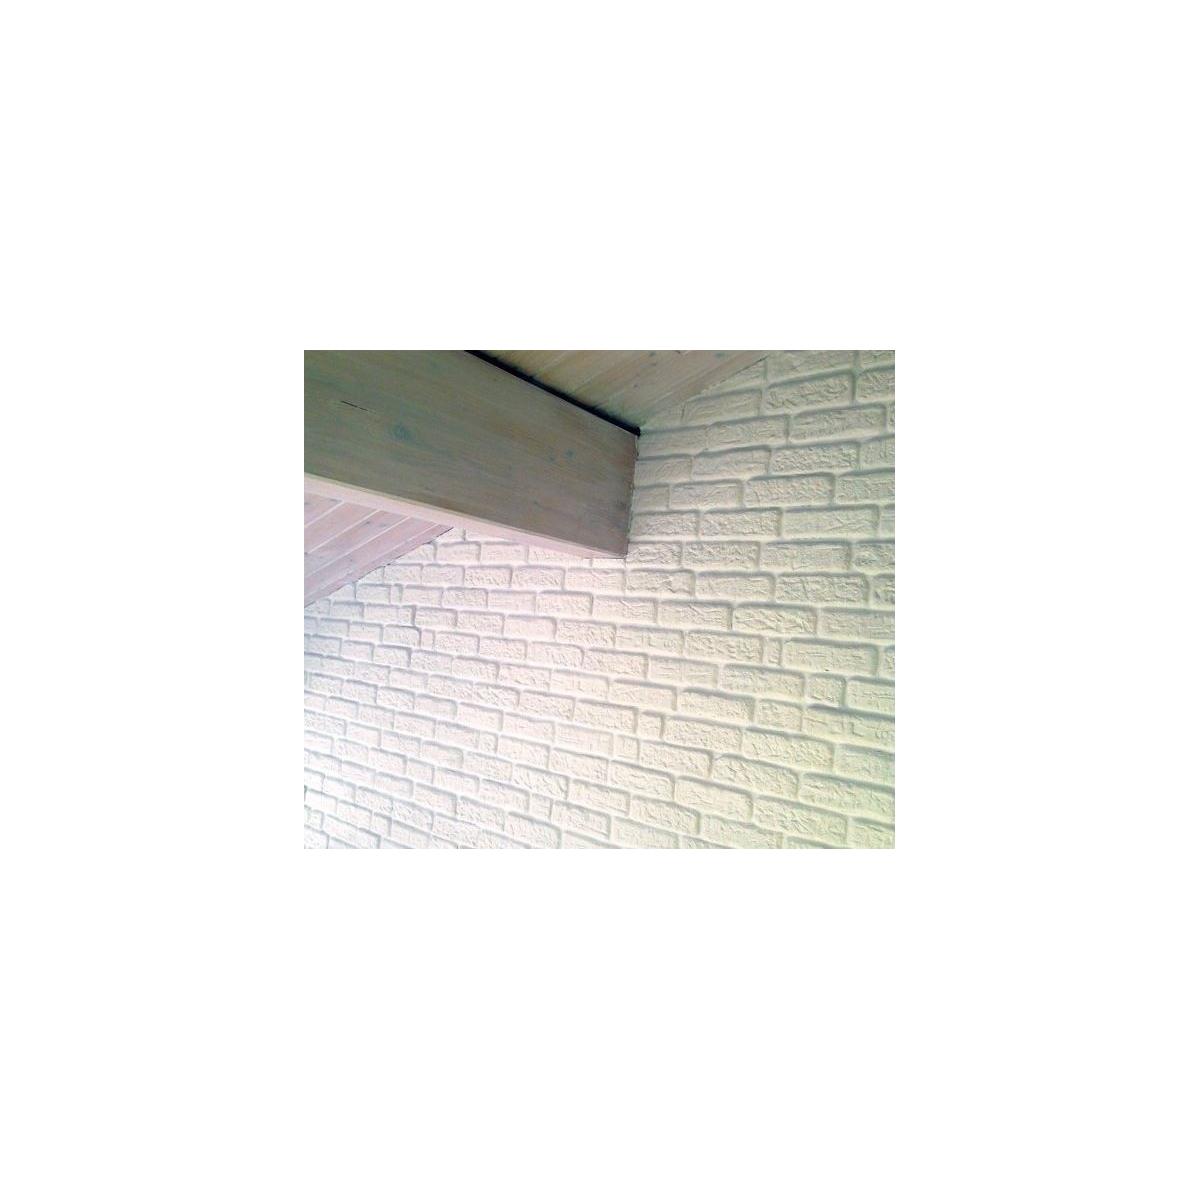 Plaqueta ángulo R81 Vitoria Revesti-Mur